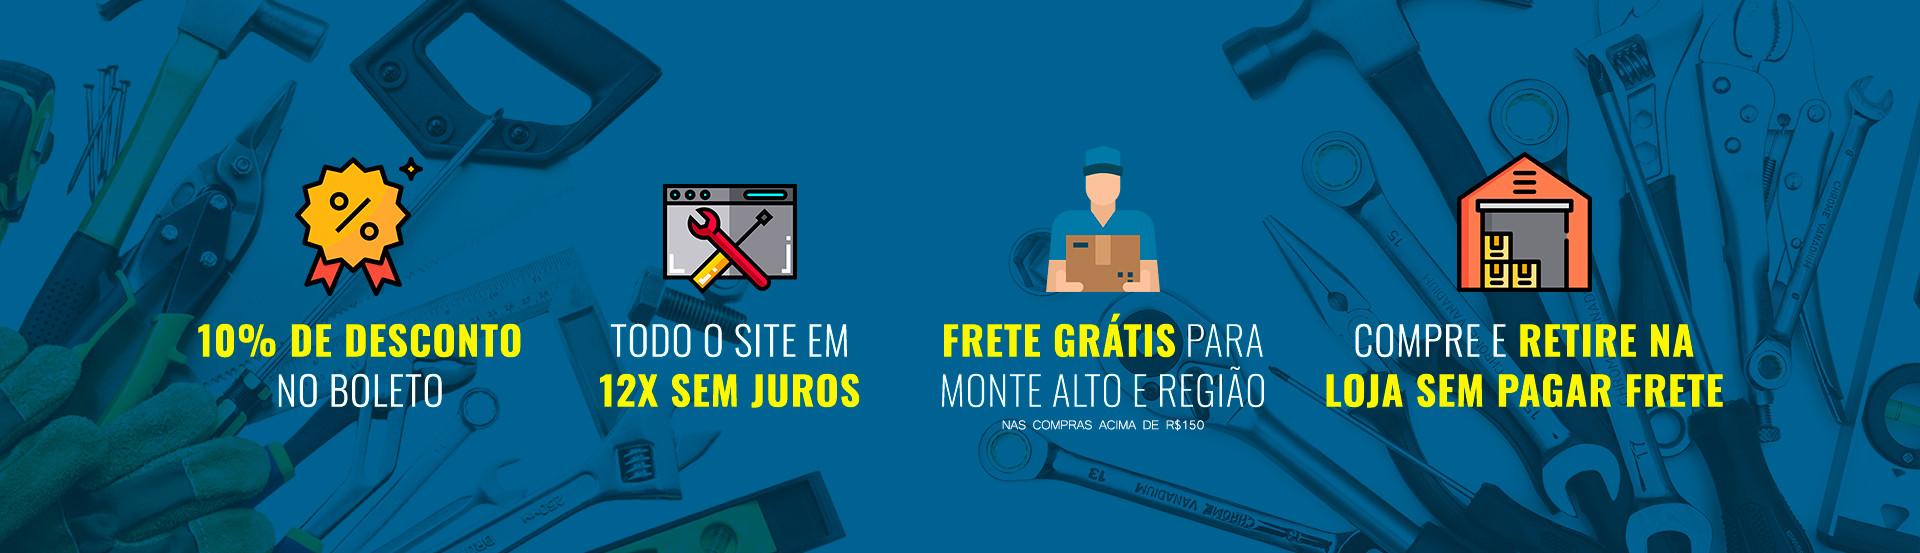 Produtos com entrega gratis, descontos e parcelado em até 12x sem juros.